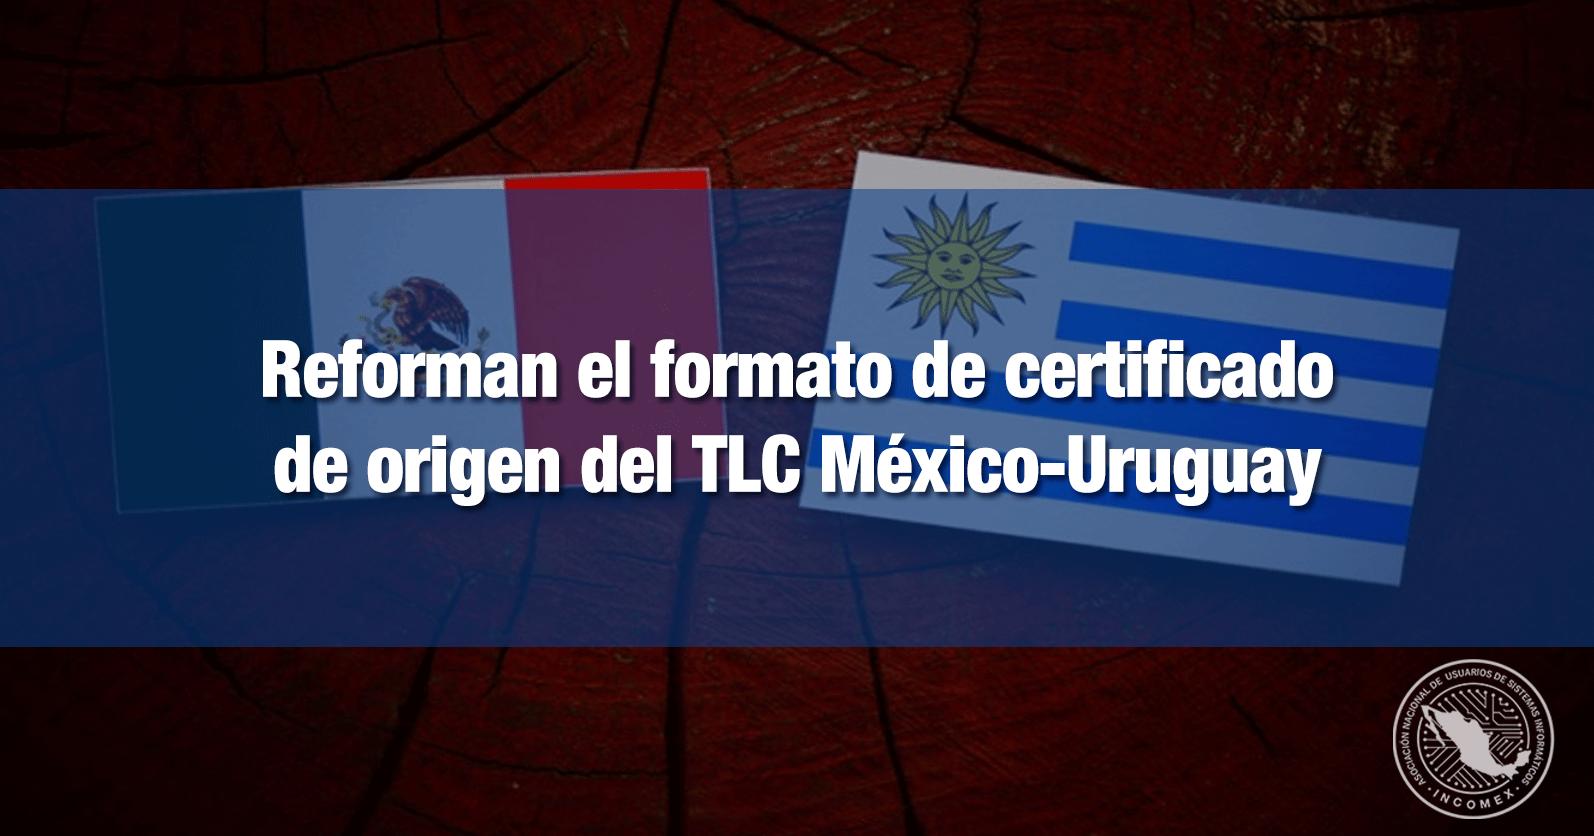 Reforman el formato de certificado de origen del TLC México-Uruguay